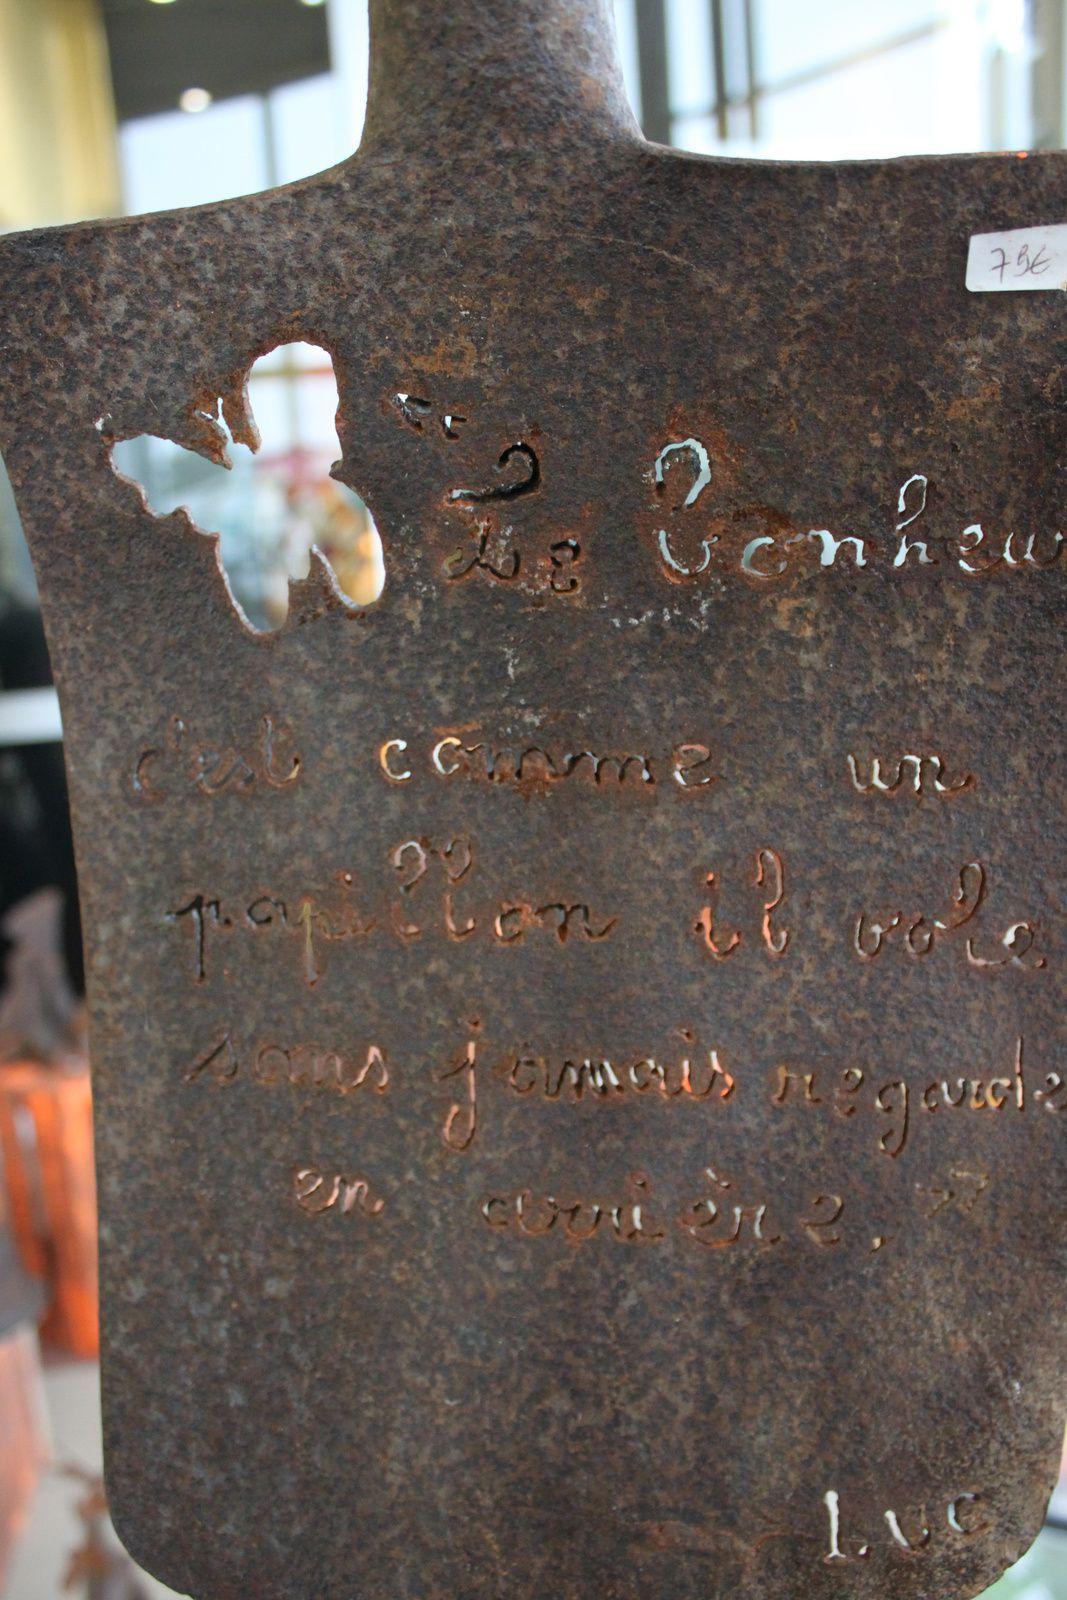 Papillon&quot&#x3B; Jean-Luc tastevin exposera aux trois prochaines Puces Antiquités  Artistes